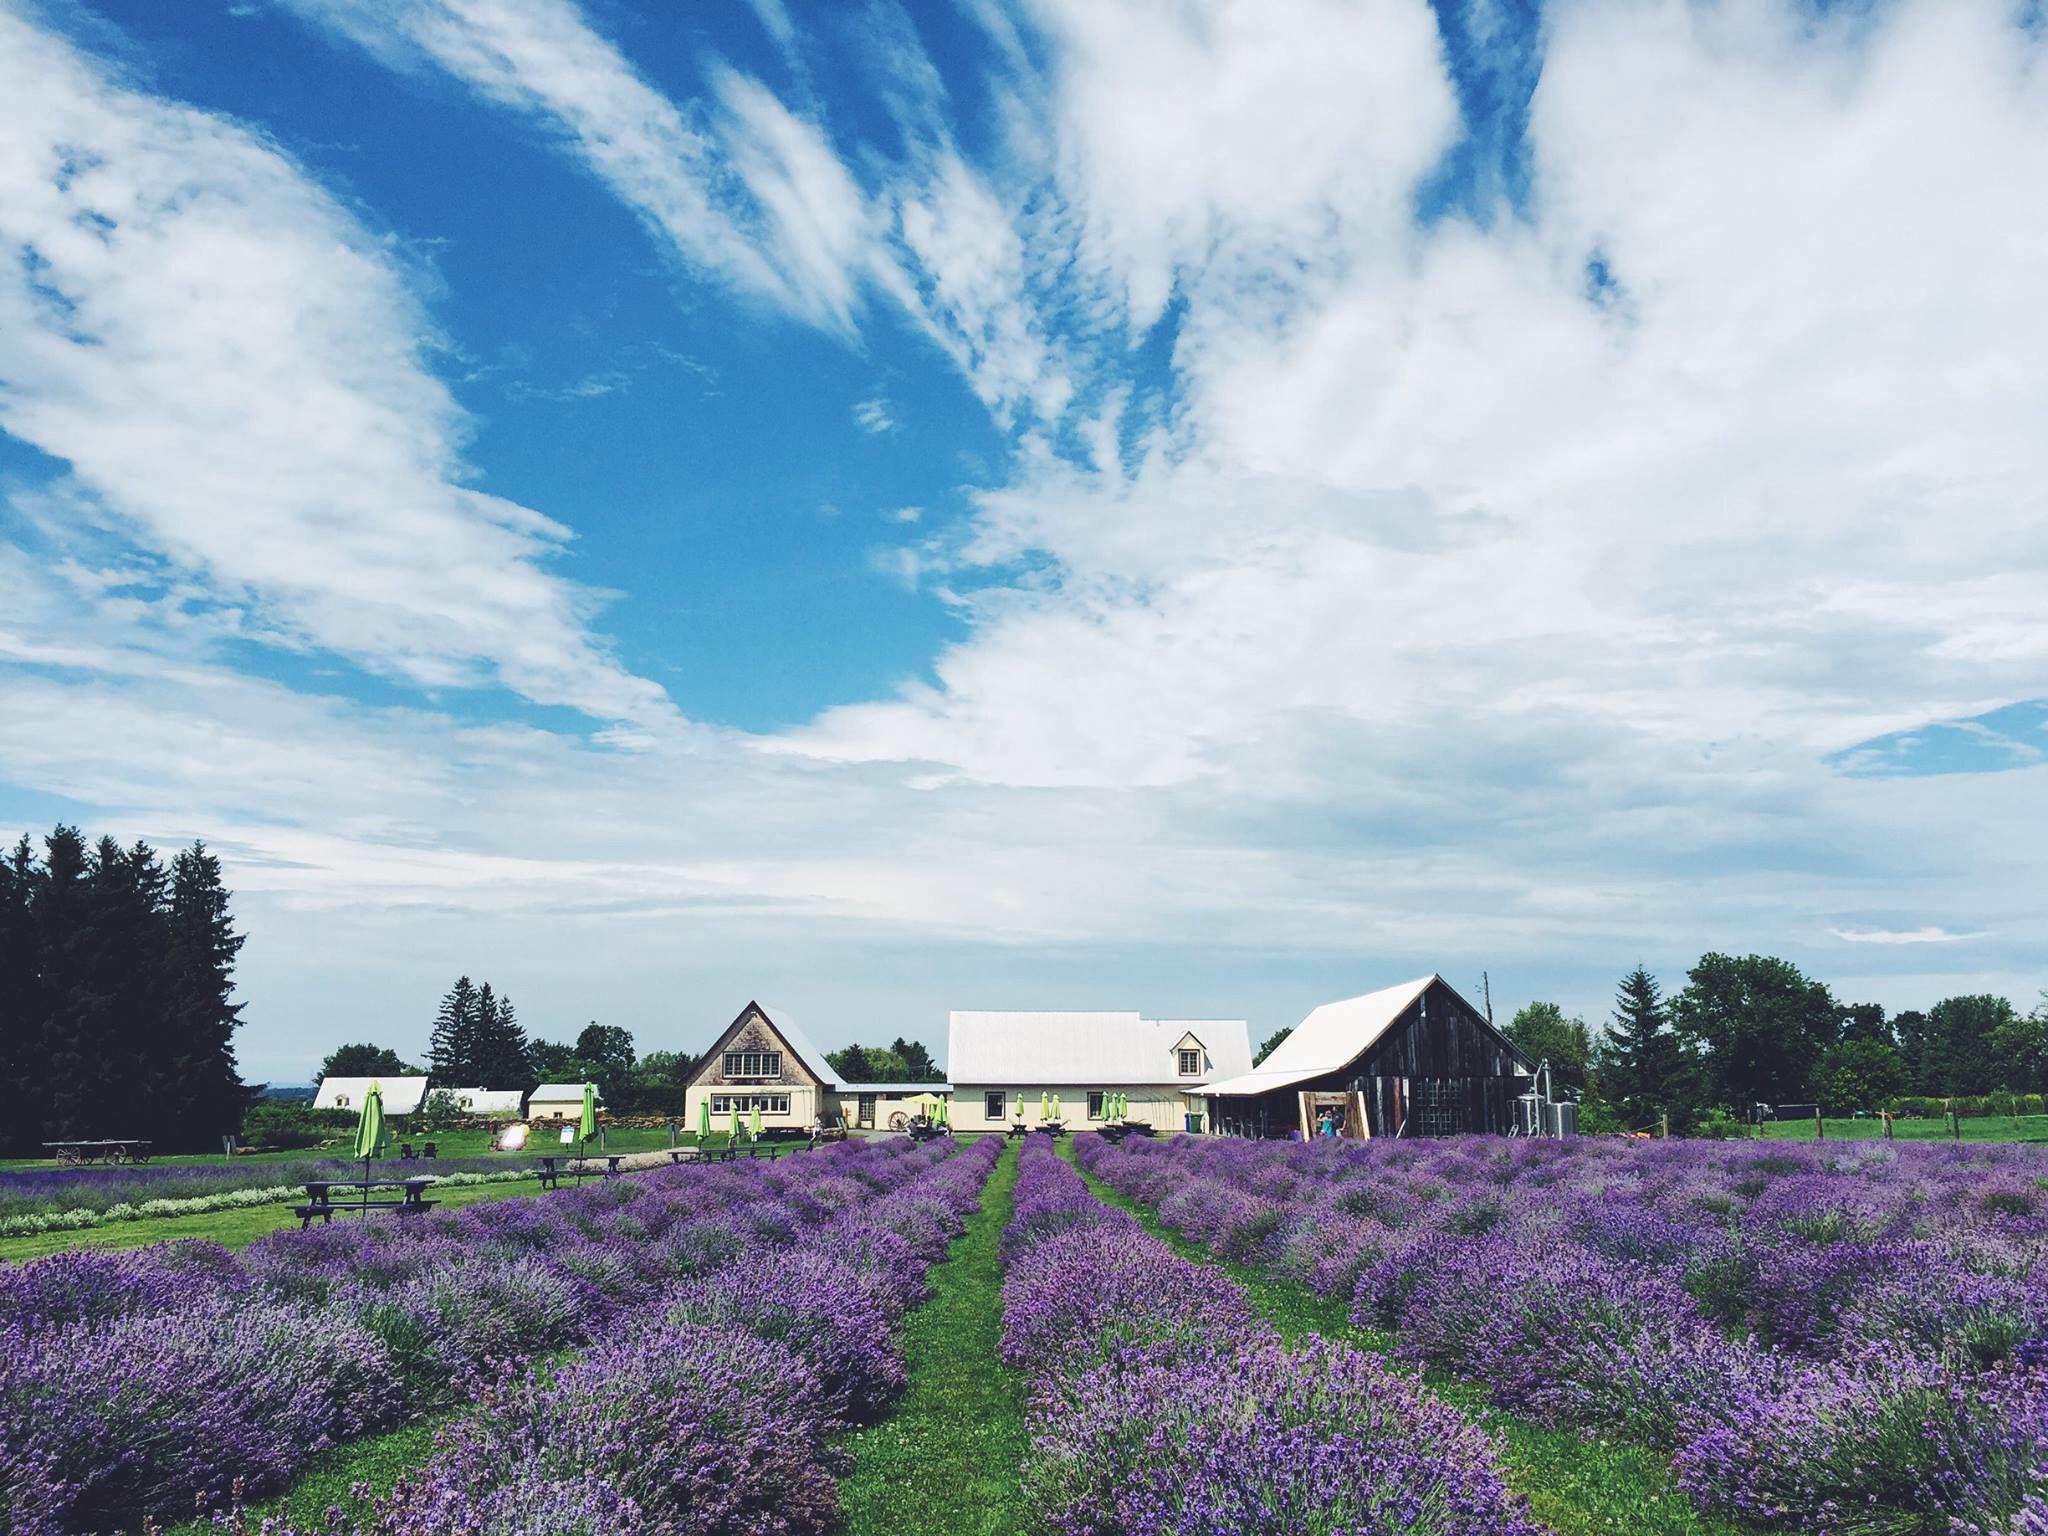 مزرعه La Maison Lavande در فاصله نزدیکی به مونترال قرار دارد